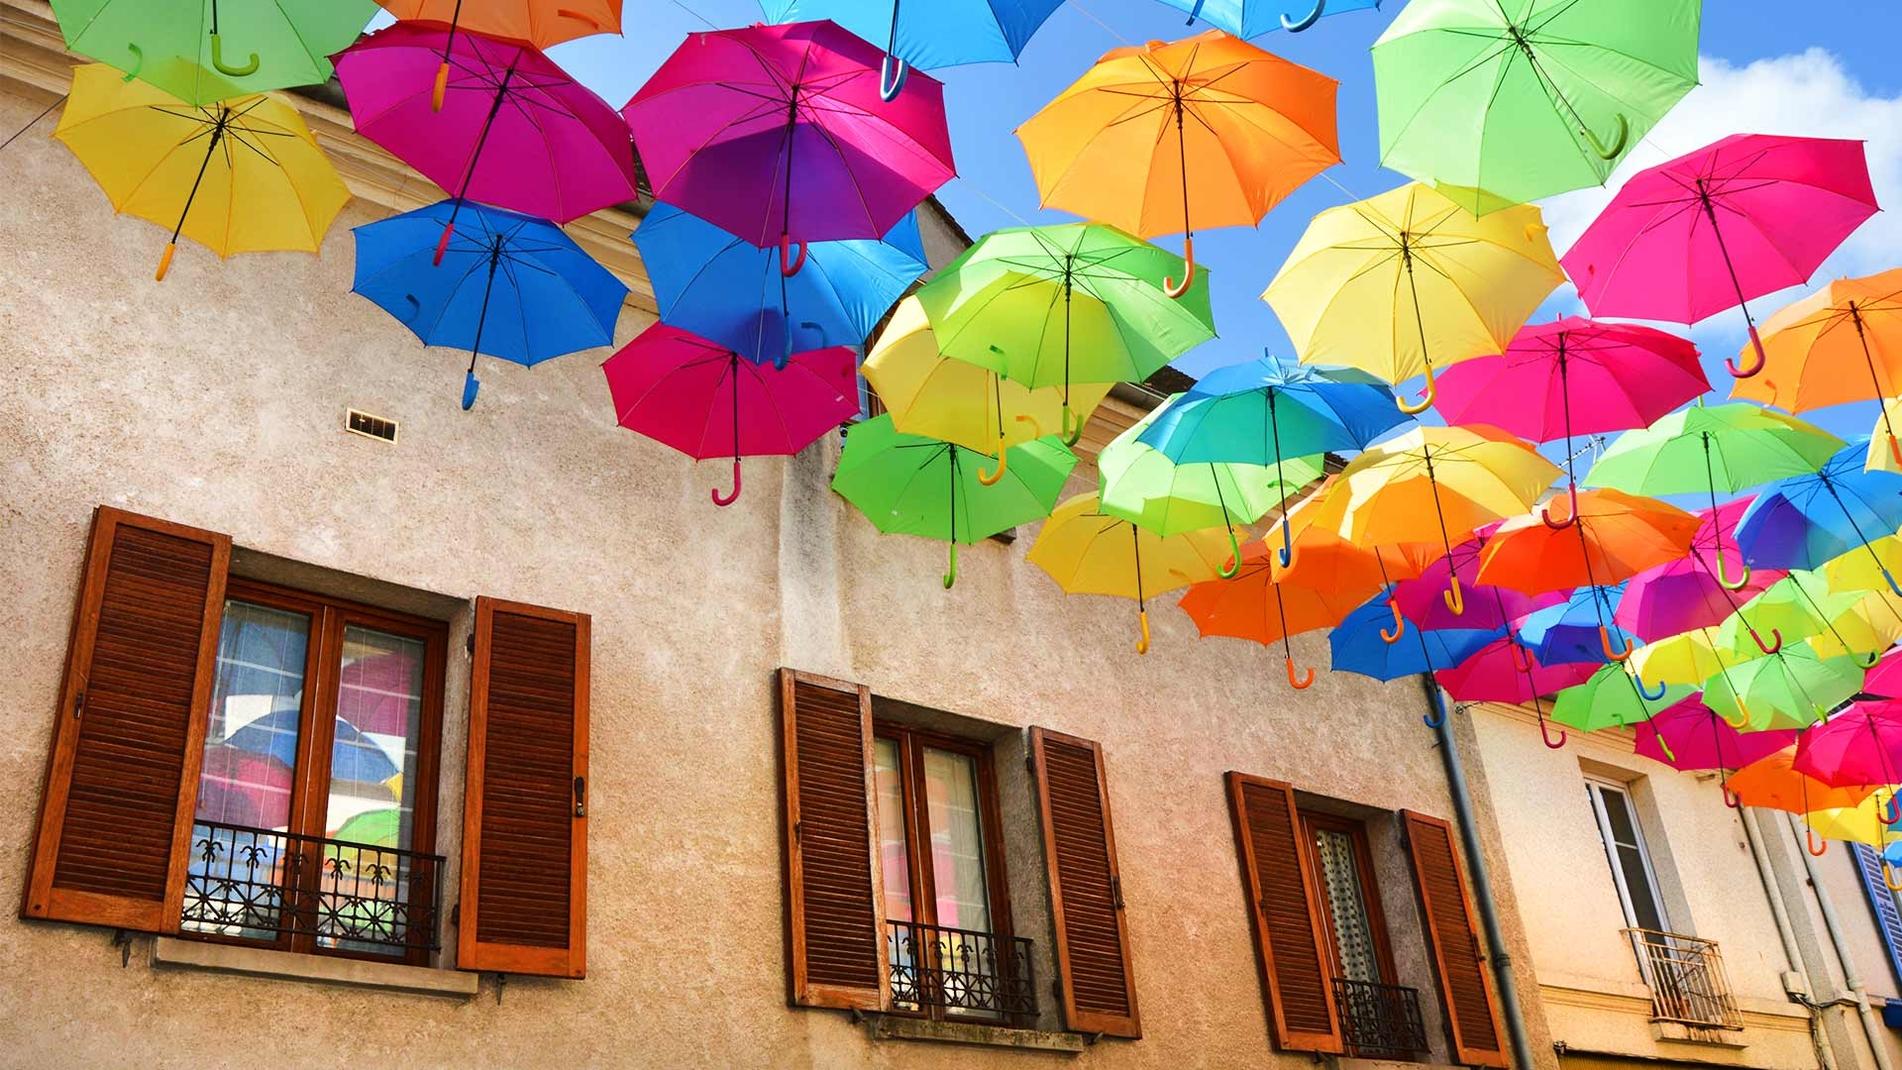 Umbrella Sky Project - Verrieres-les-Buissons'17